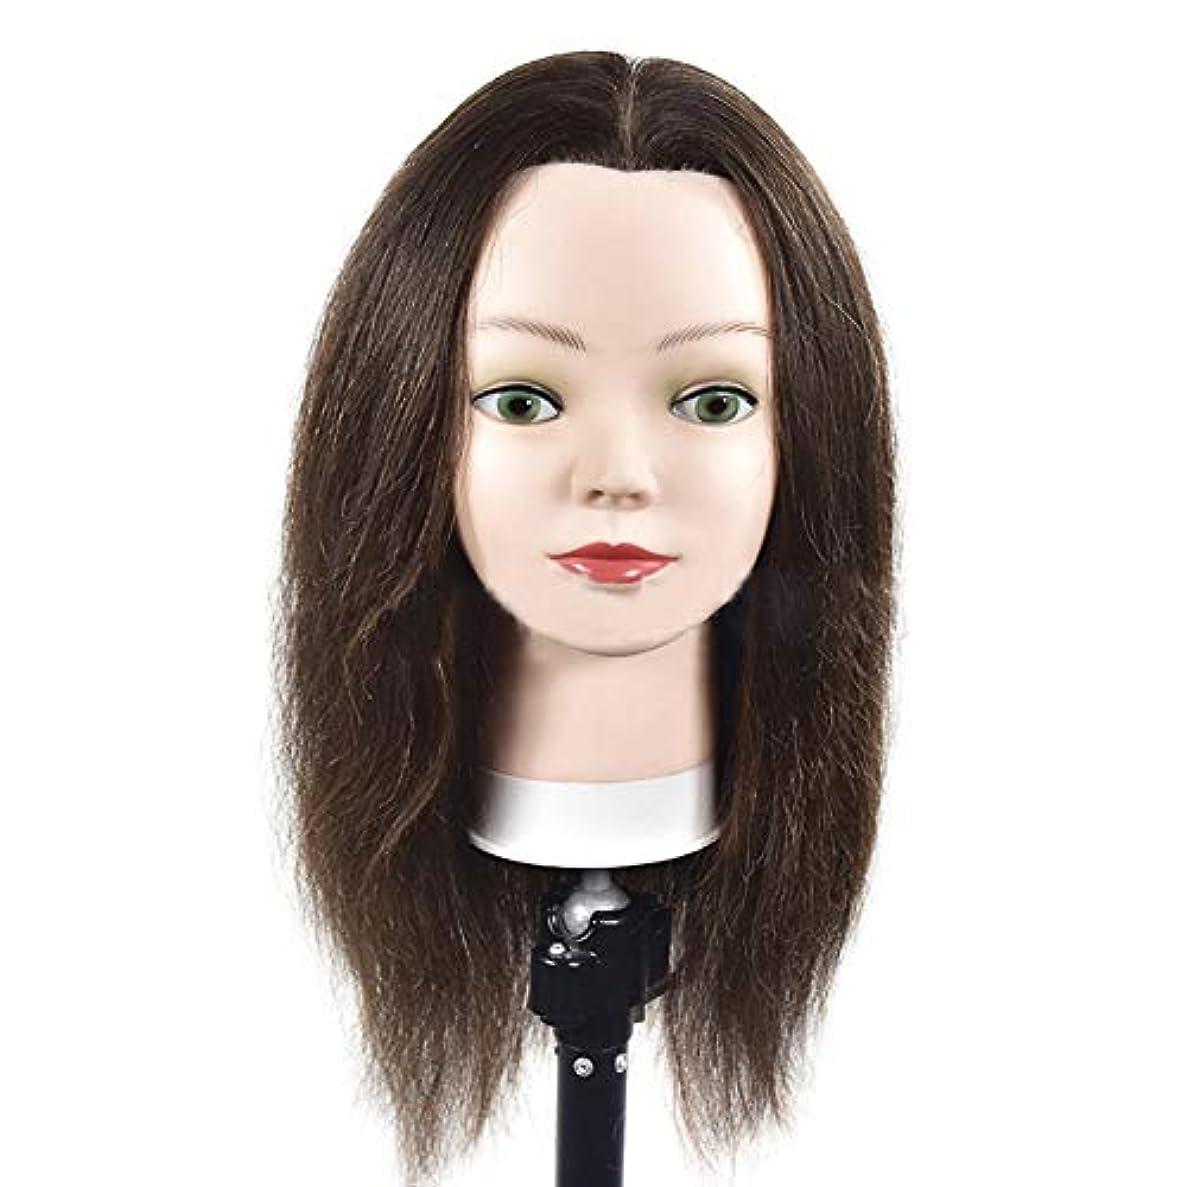 ドナー約束する消毒剤サロン髪編組理髪指導ヘッドスタイリング散髪ダミーヘッド化粧学習マネキンヘッド